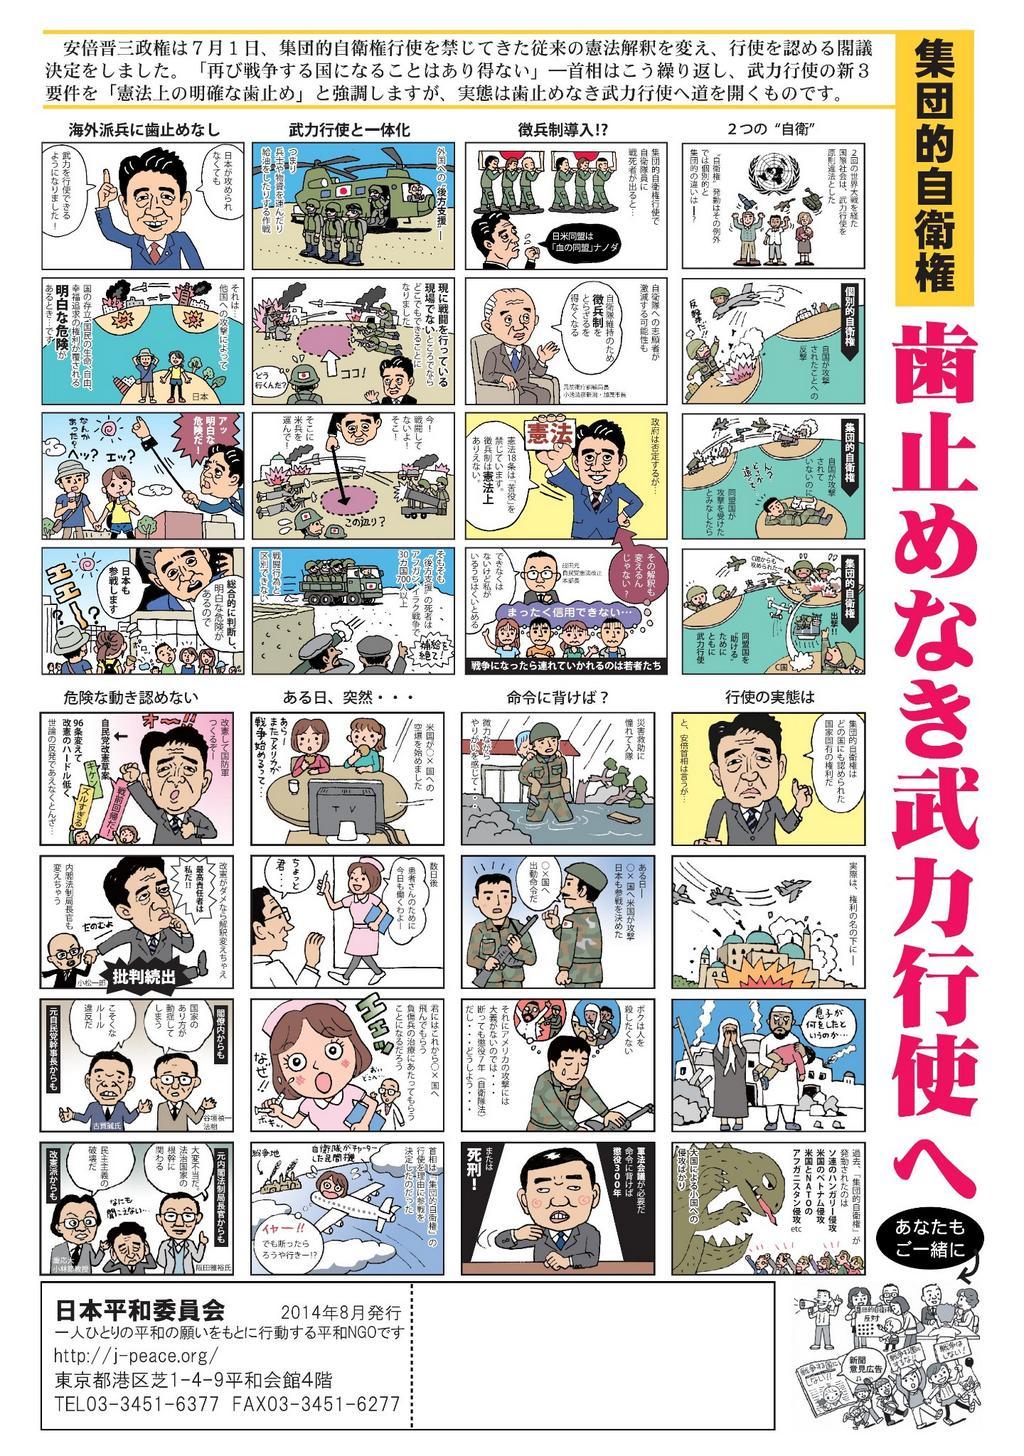 核燃料ほぼ全量落下 福島3号機 廃炉一層困難_f0212121_18553057.jpg